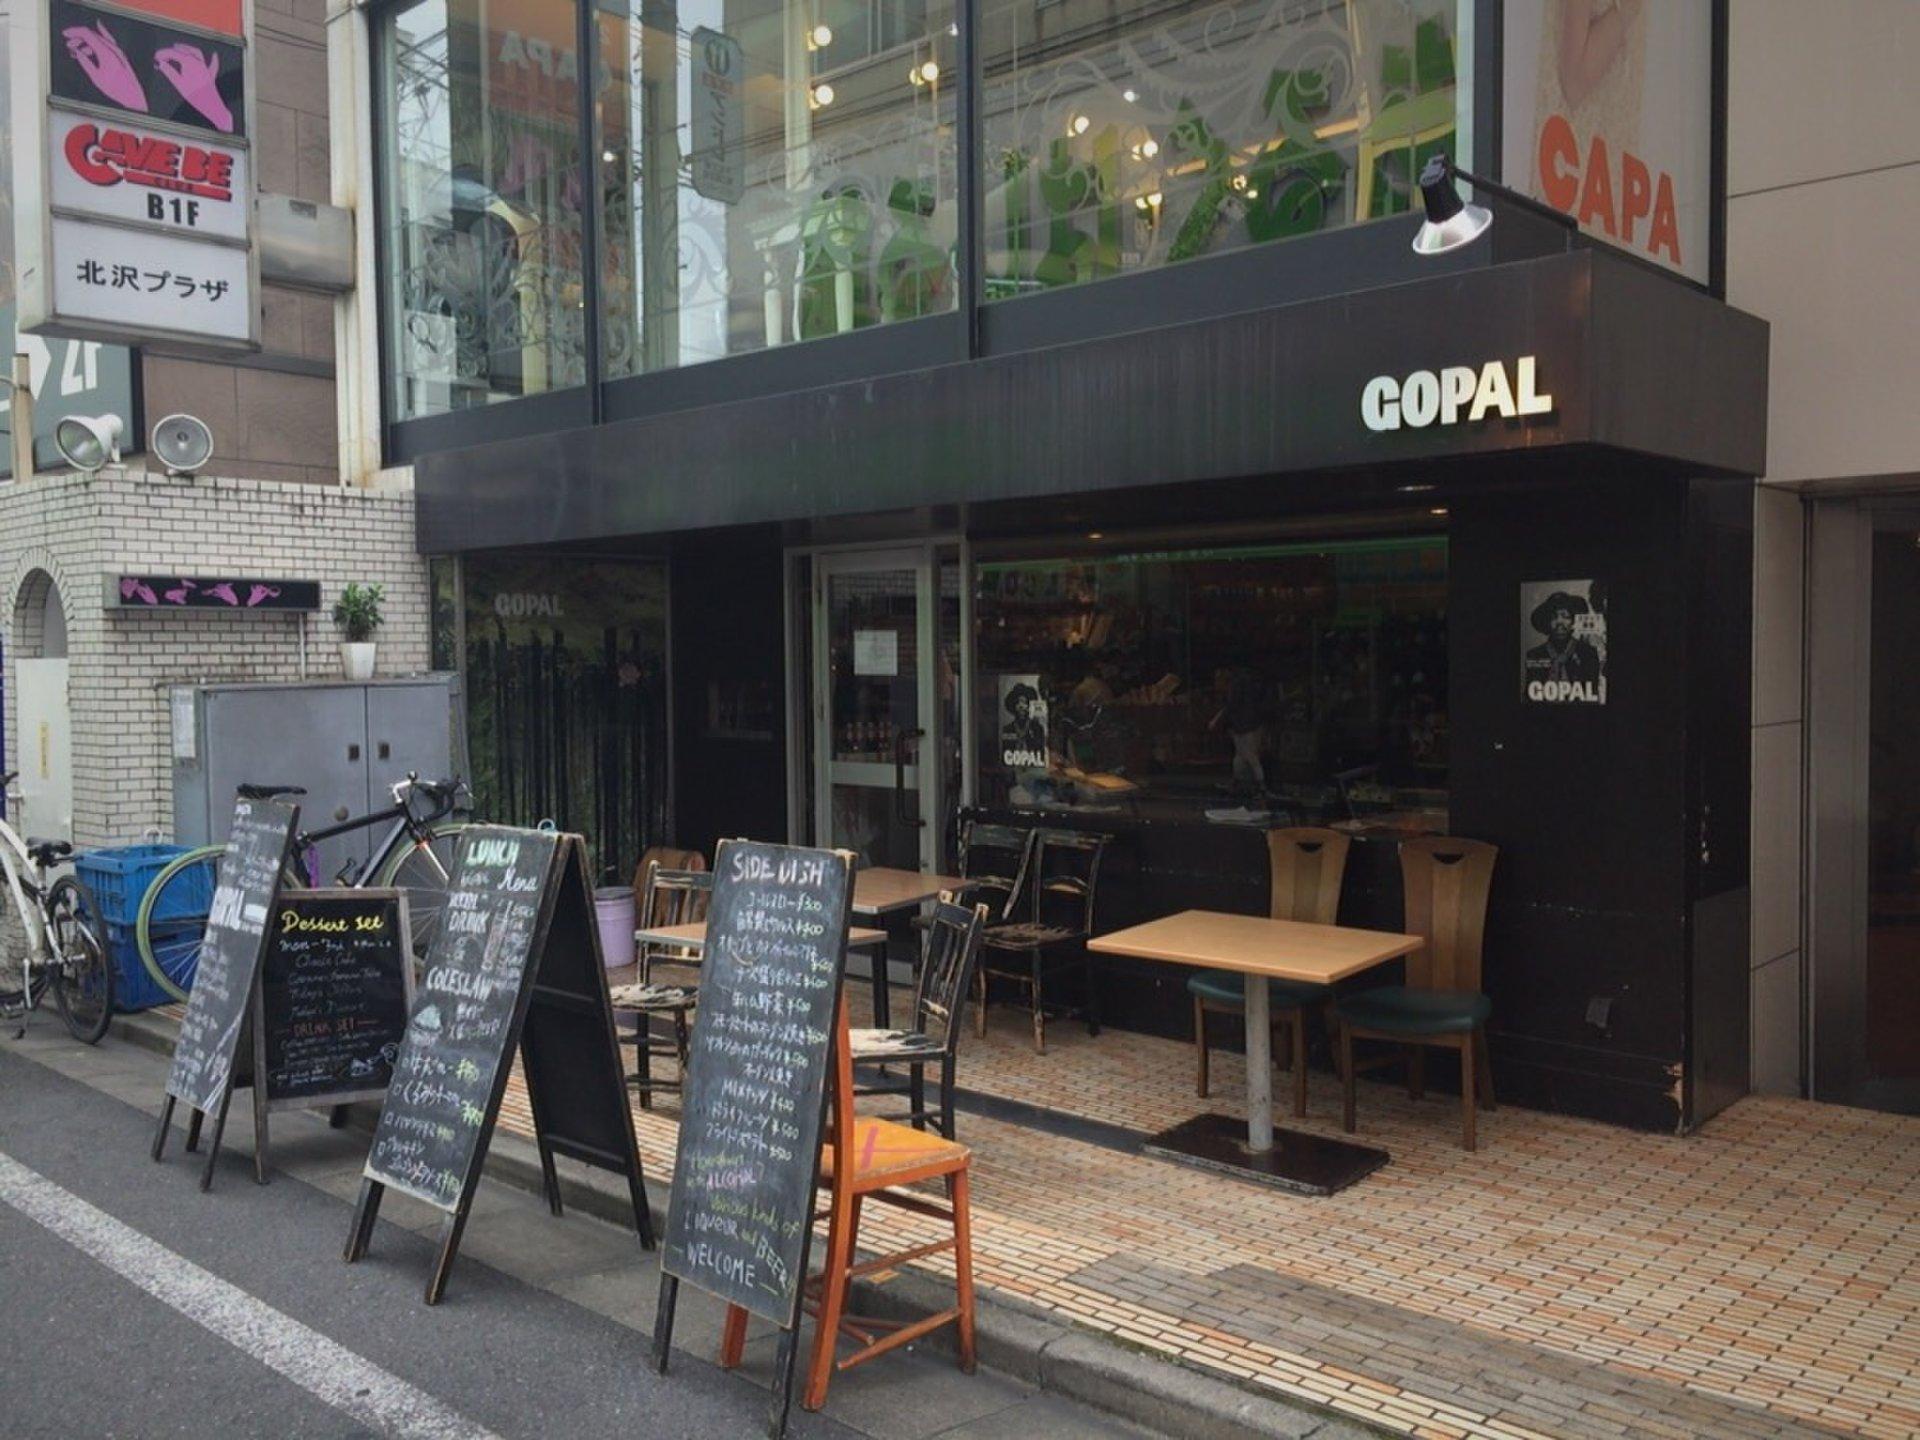 【下北沢✖️オシャレカフェ】下北らしさ全開!オシャレで美味しいカフェ「GOPAL」